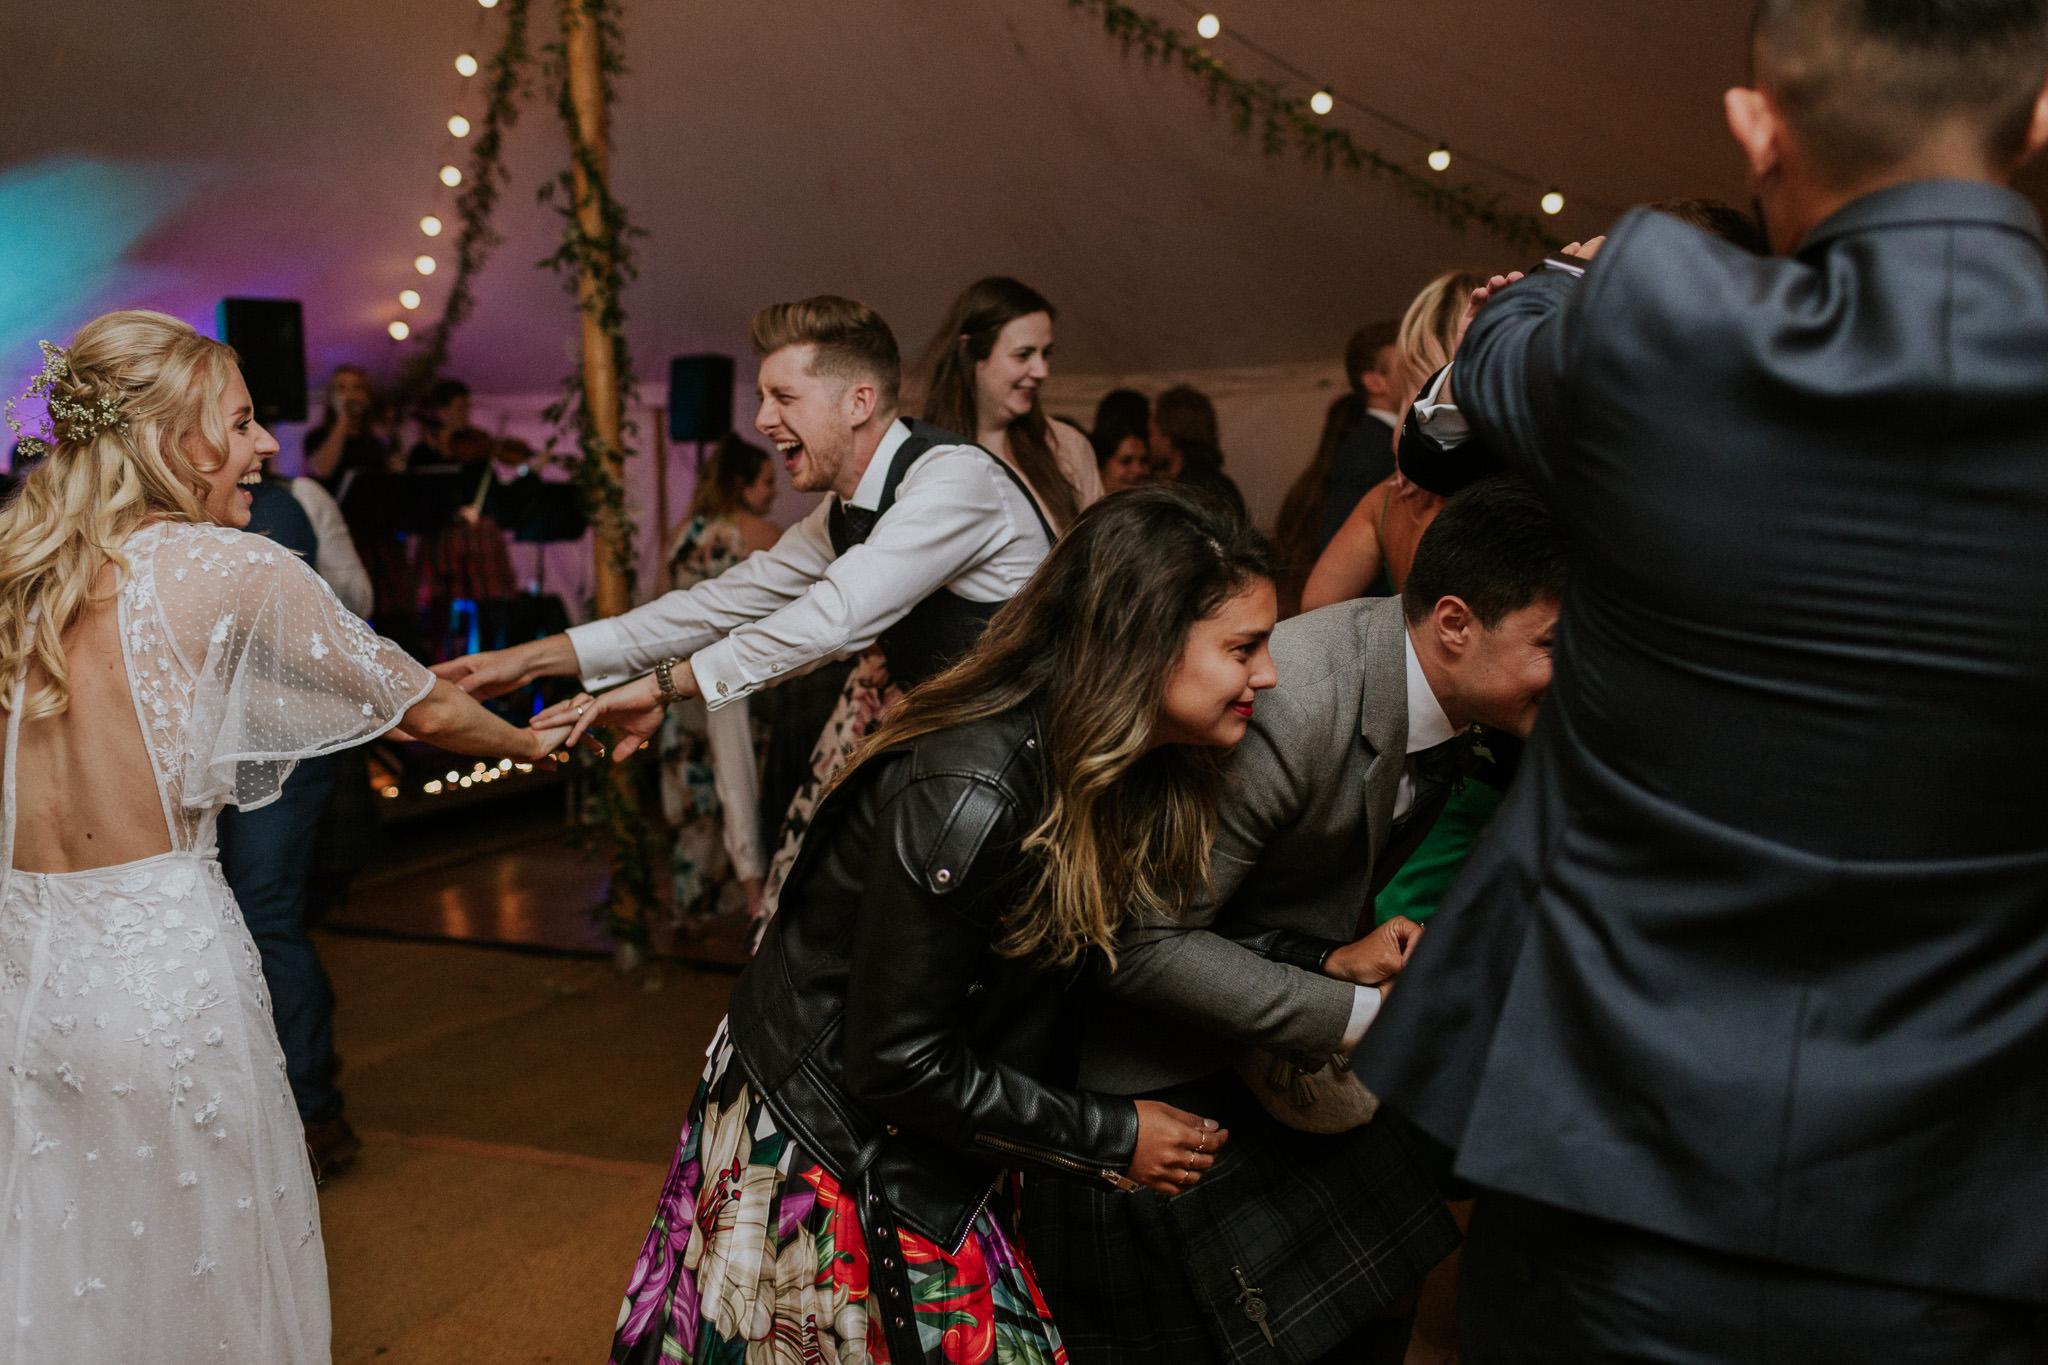 Ceilidh dancing at Highden estate wedding